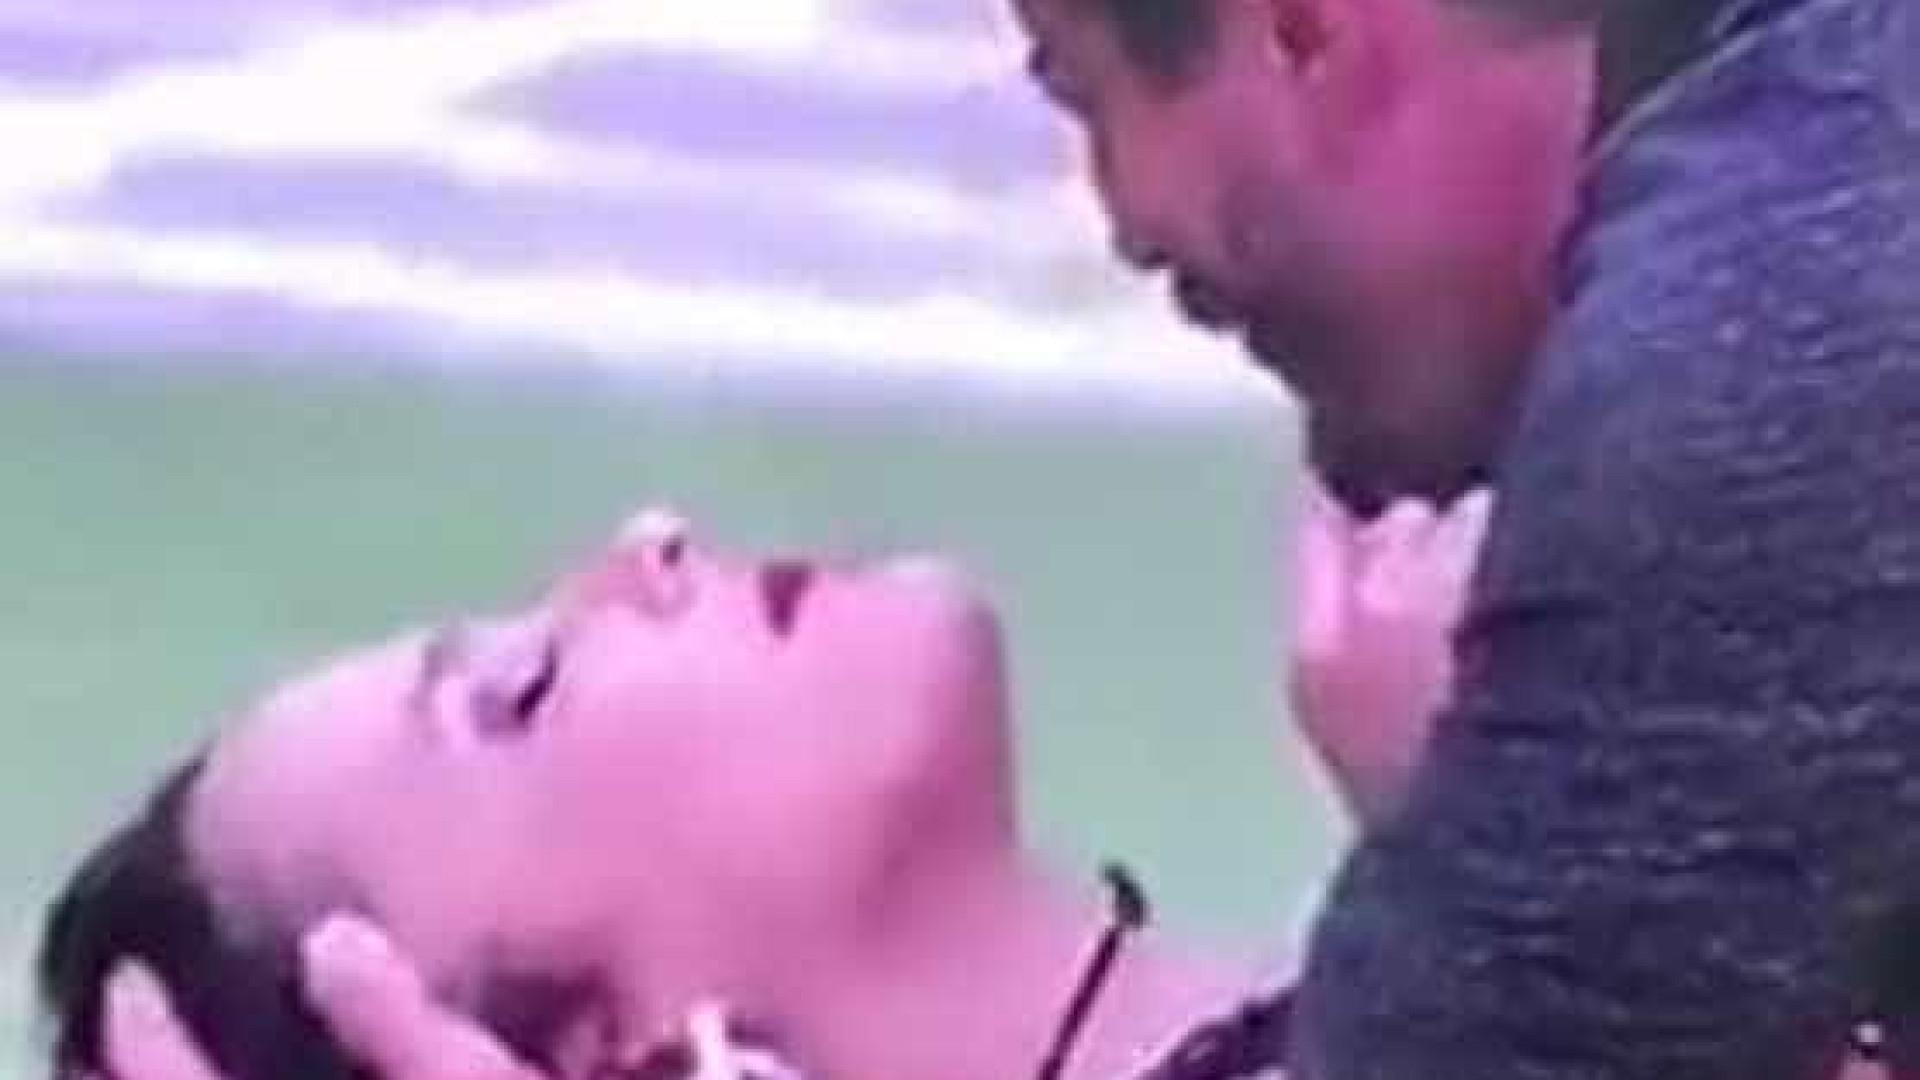 Público se revolta com vídeo de Marcos batendo cabeça de Emilly no chão